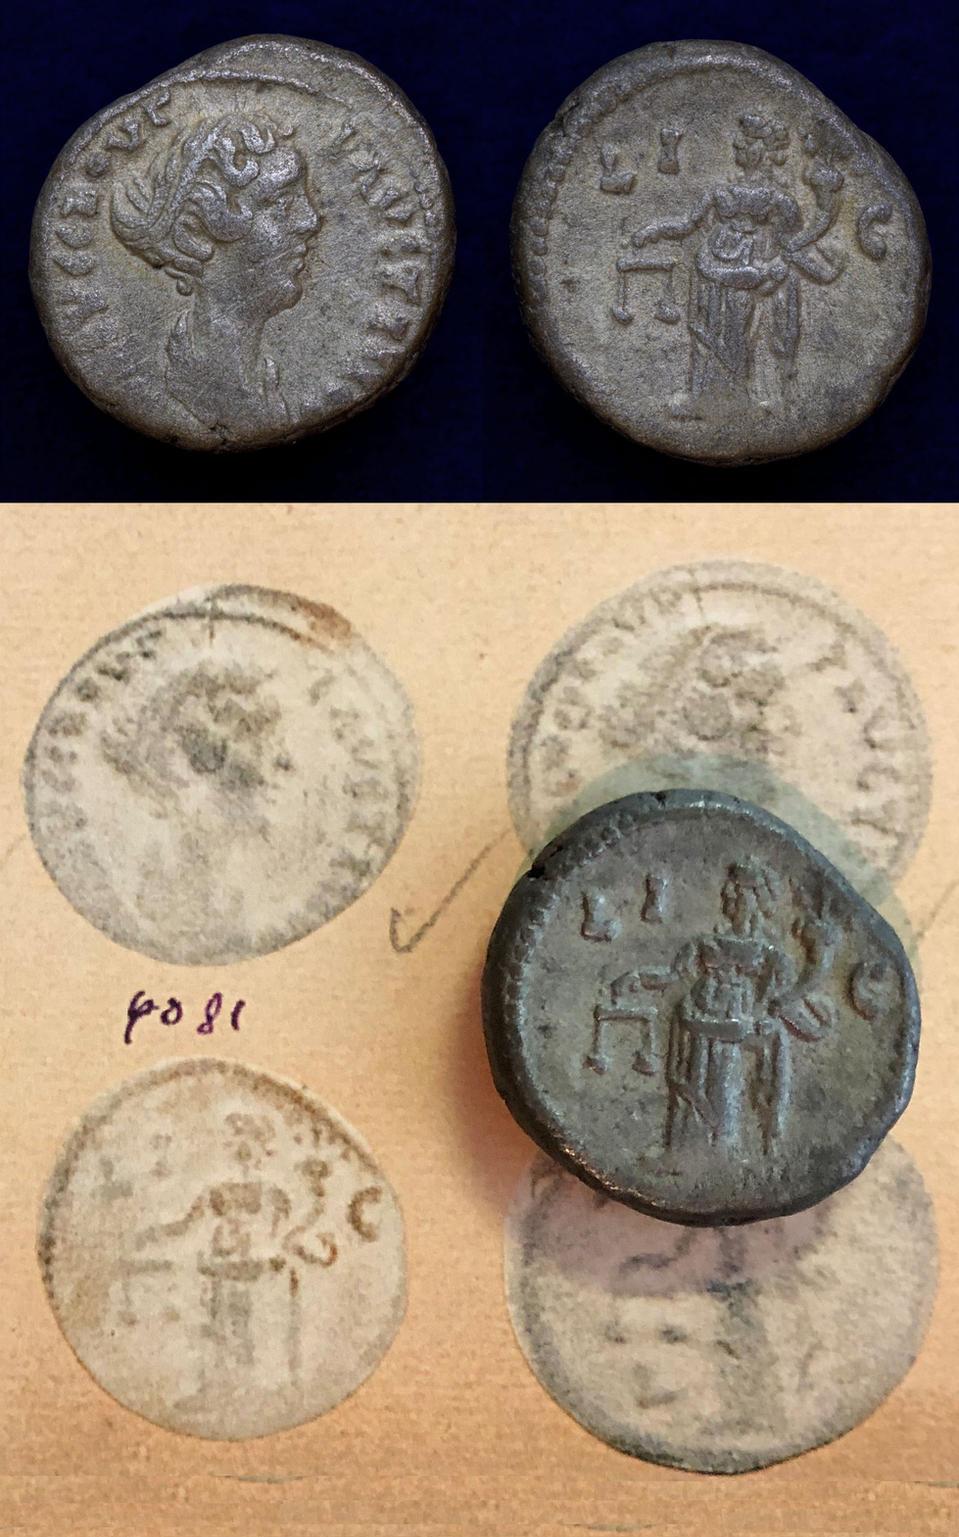 Faustina junior, daughter of Antoninus Pius and wife of Marcus Aurelius Tetradrachm circa AD 151-152 (year 15)